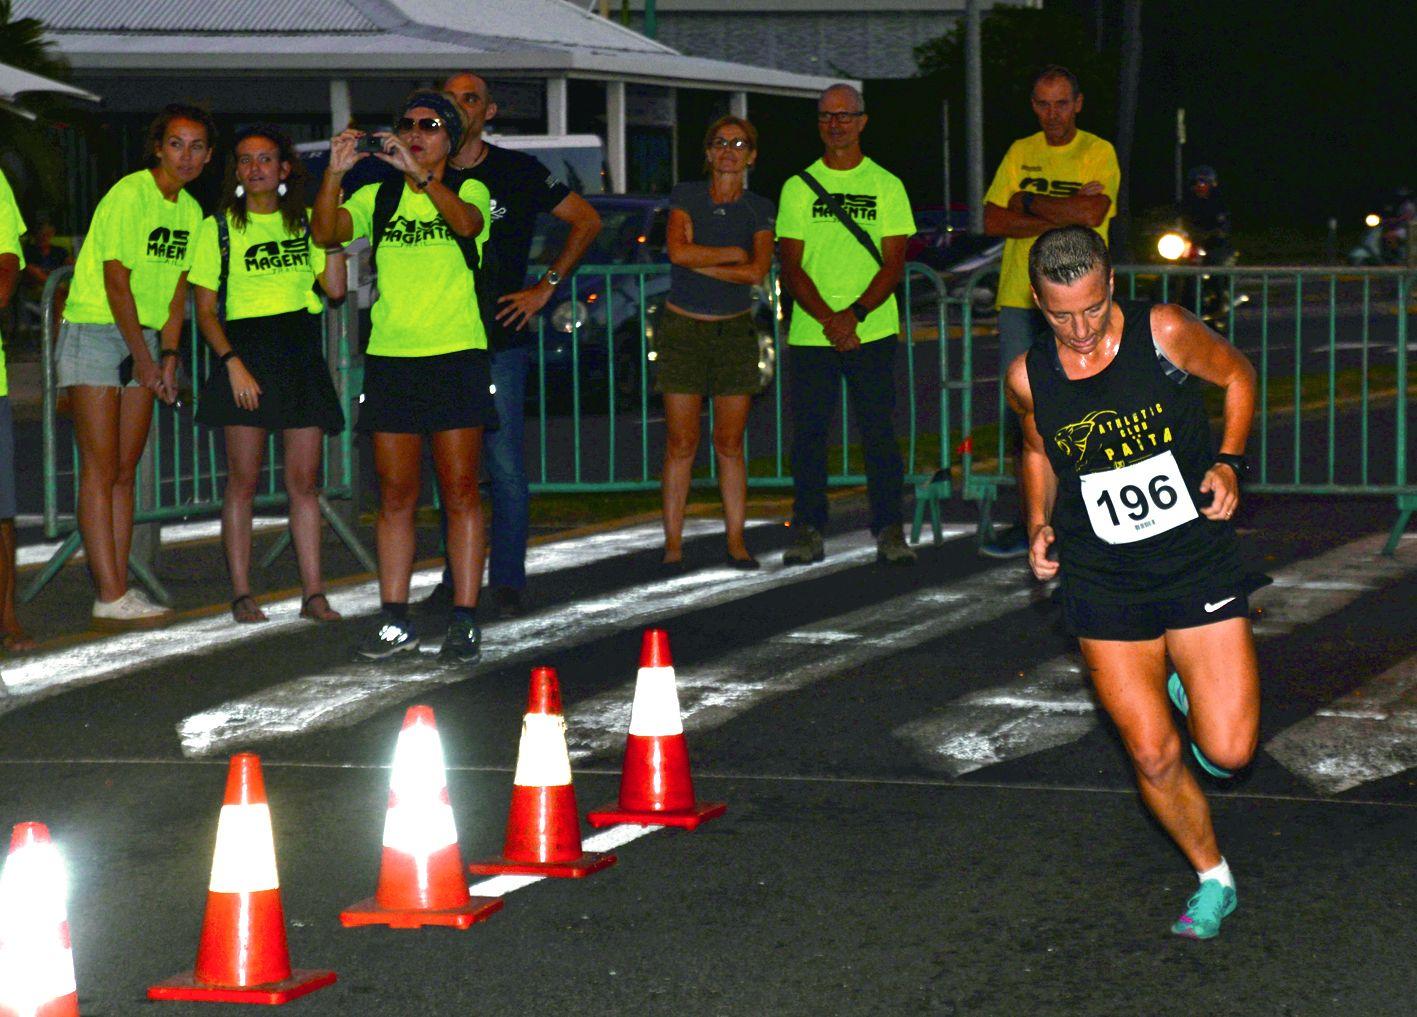 D'habitude, elle court plutôt des 100 km. Nathalie Schmitt a prouvé qu'elle avait également de la vitesse à revendre, hier, en arrivant première devant Johana Guezennec et Erika Ellis.